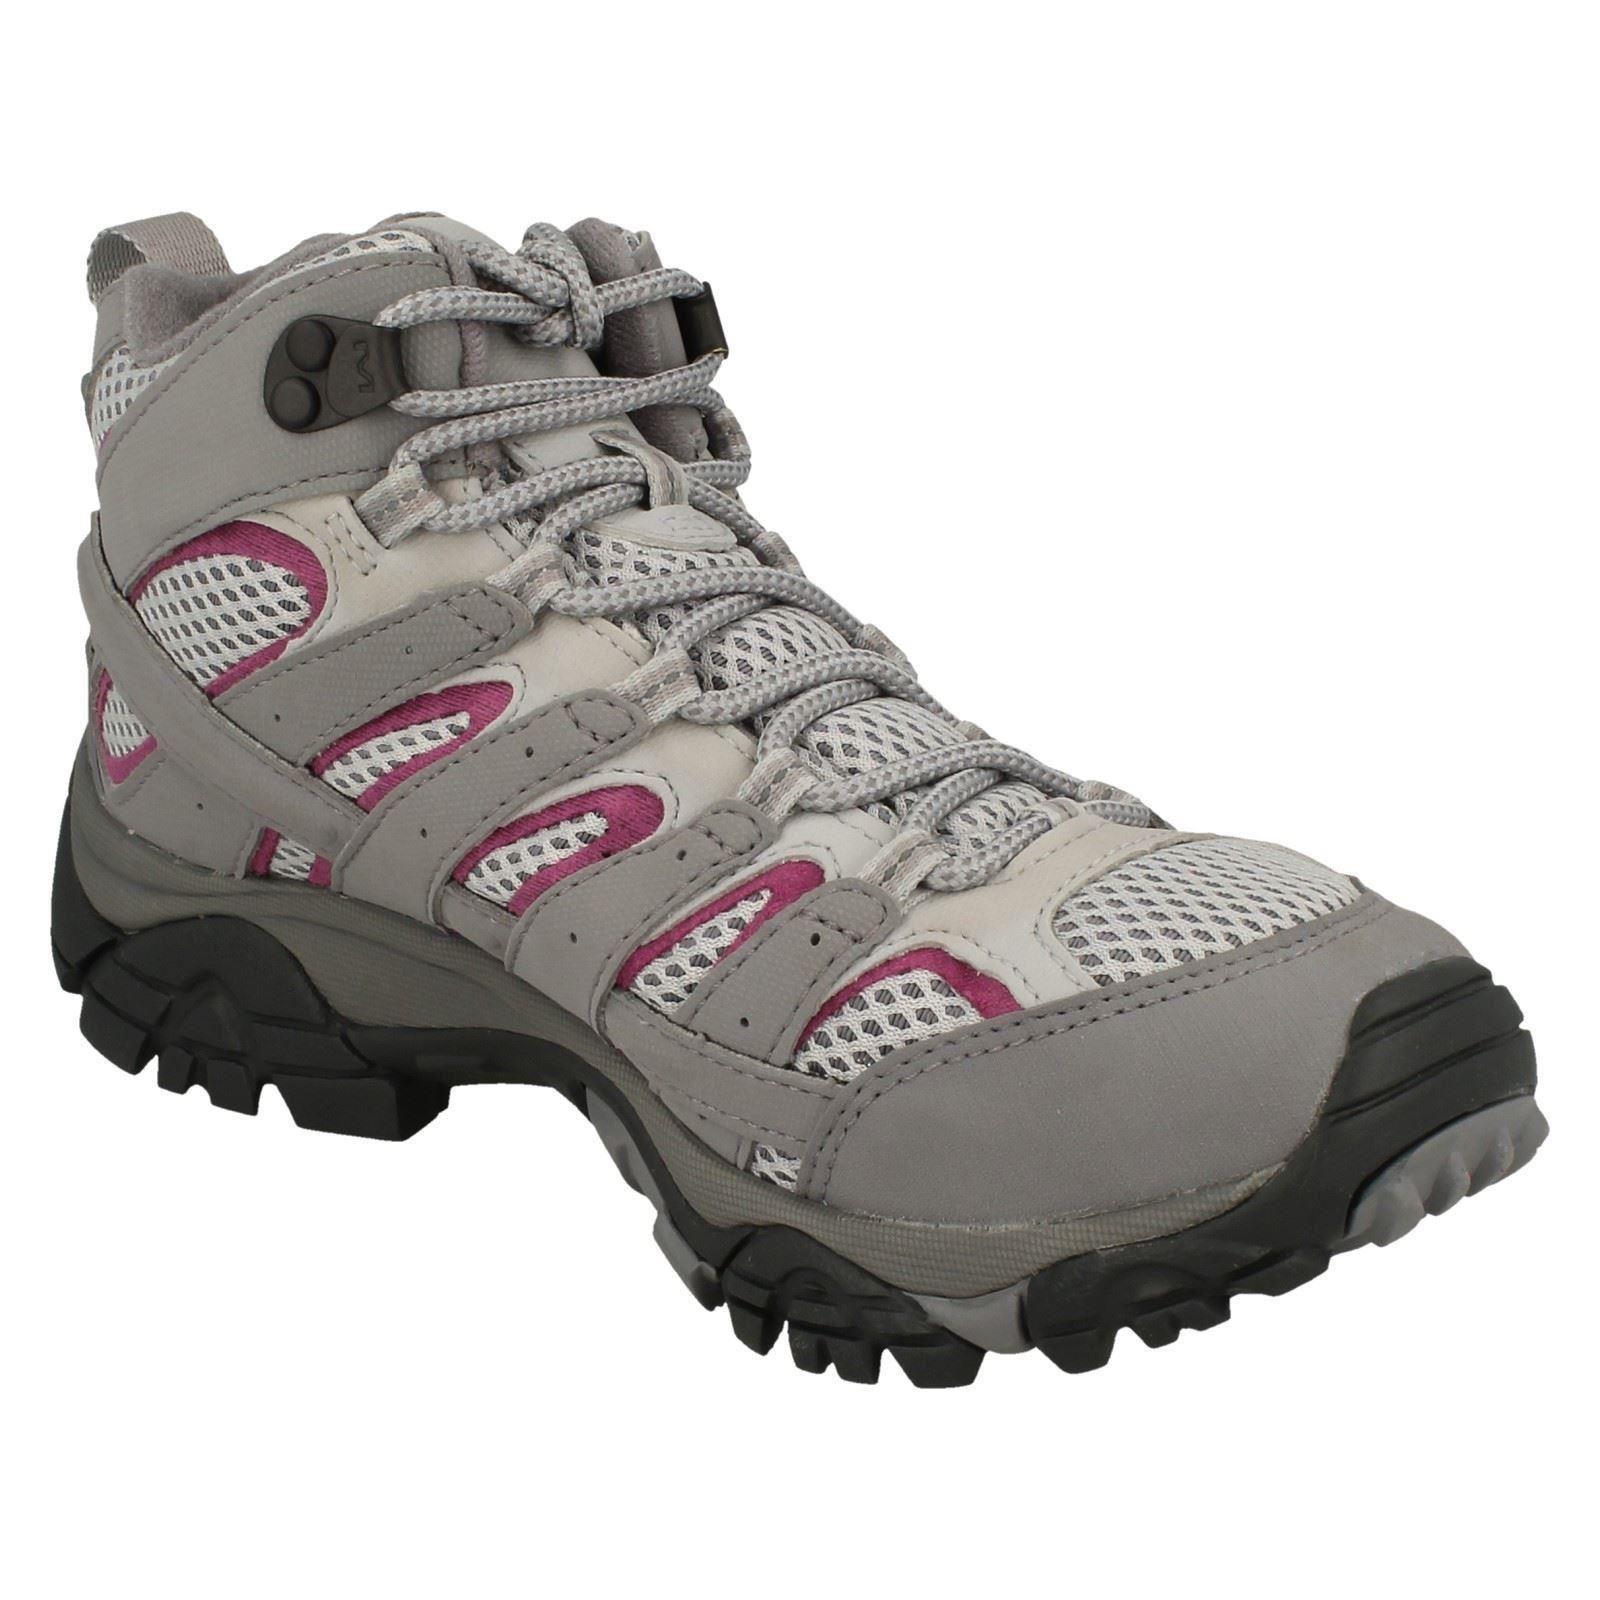 Ladies Merrell Walking Boots Moab 2 Mid Mid Mid GTX J65263 4a831c